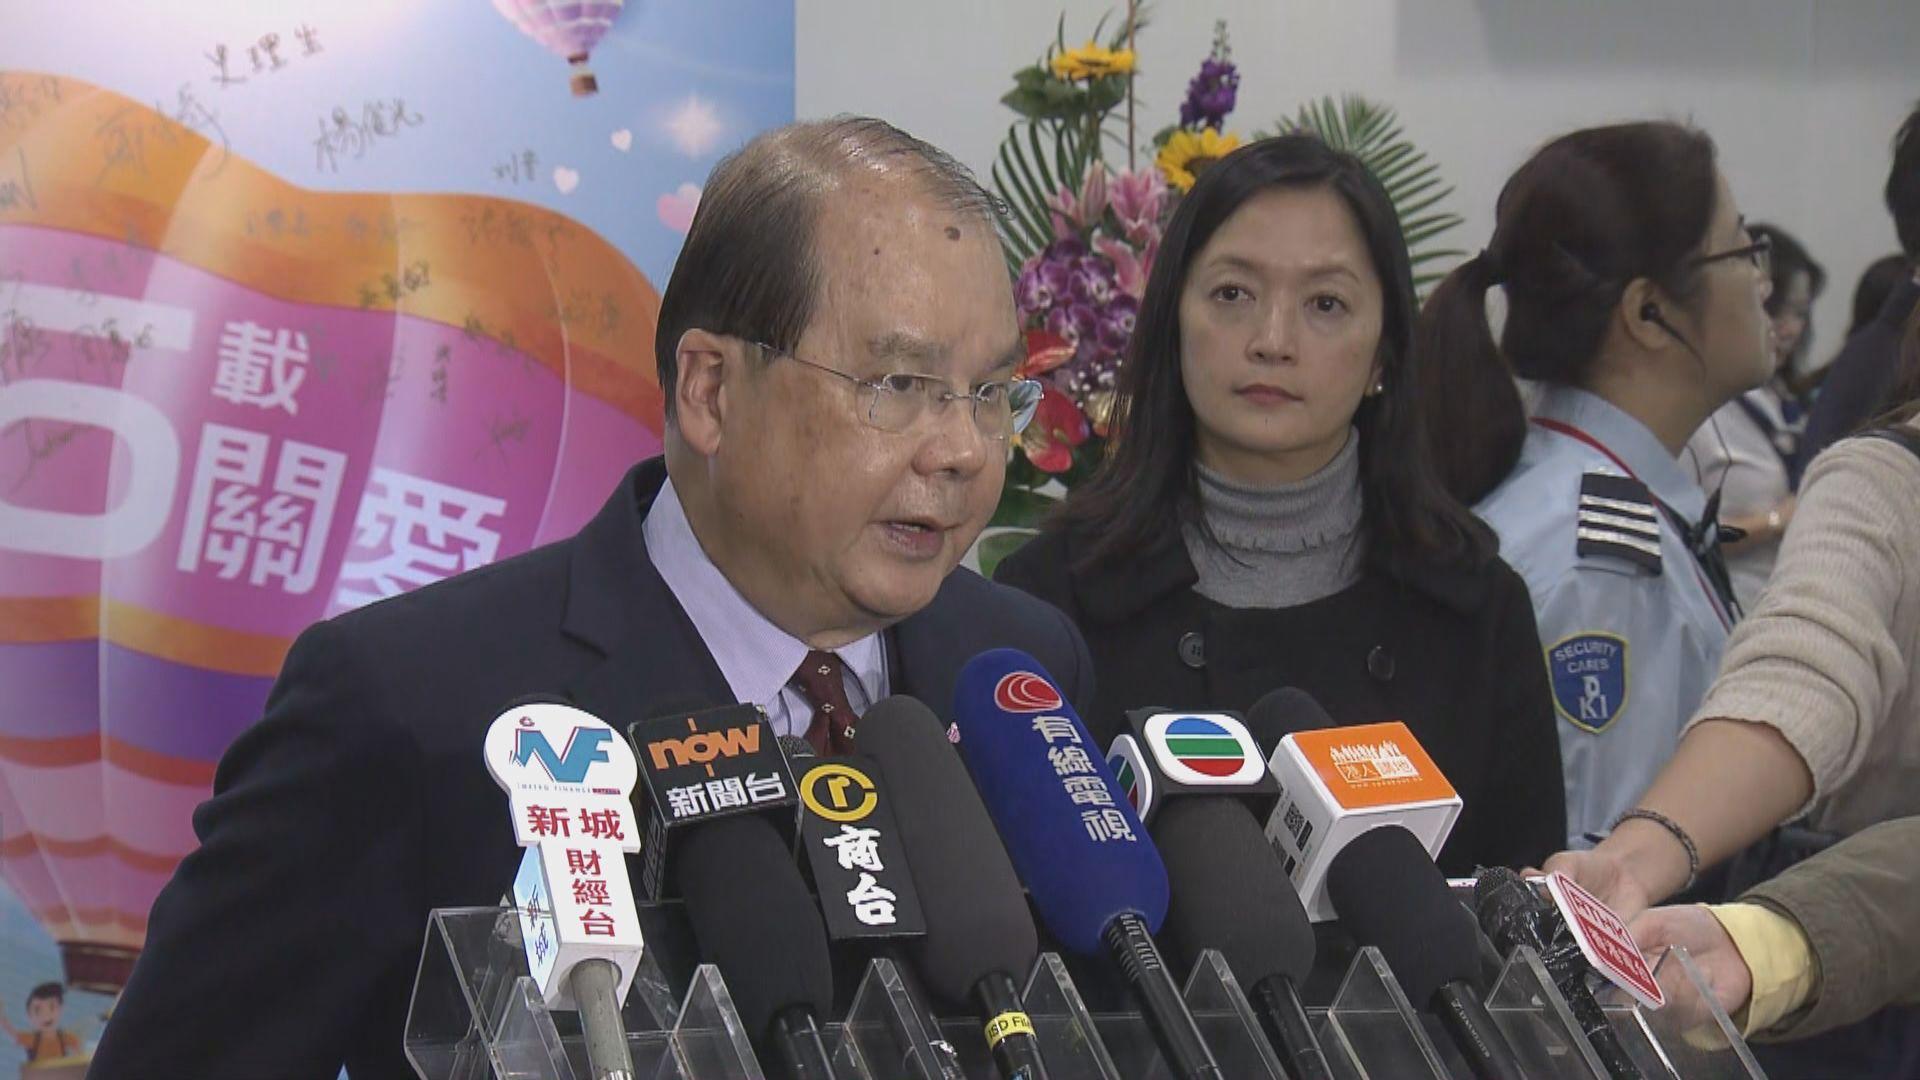 張建宗:內地行動不涉刑事強制措施 不需通報